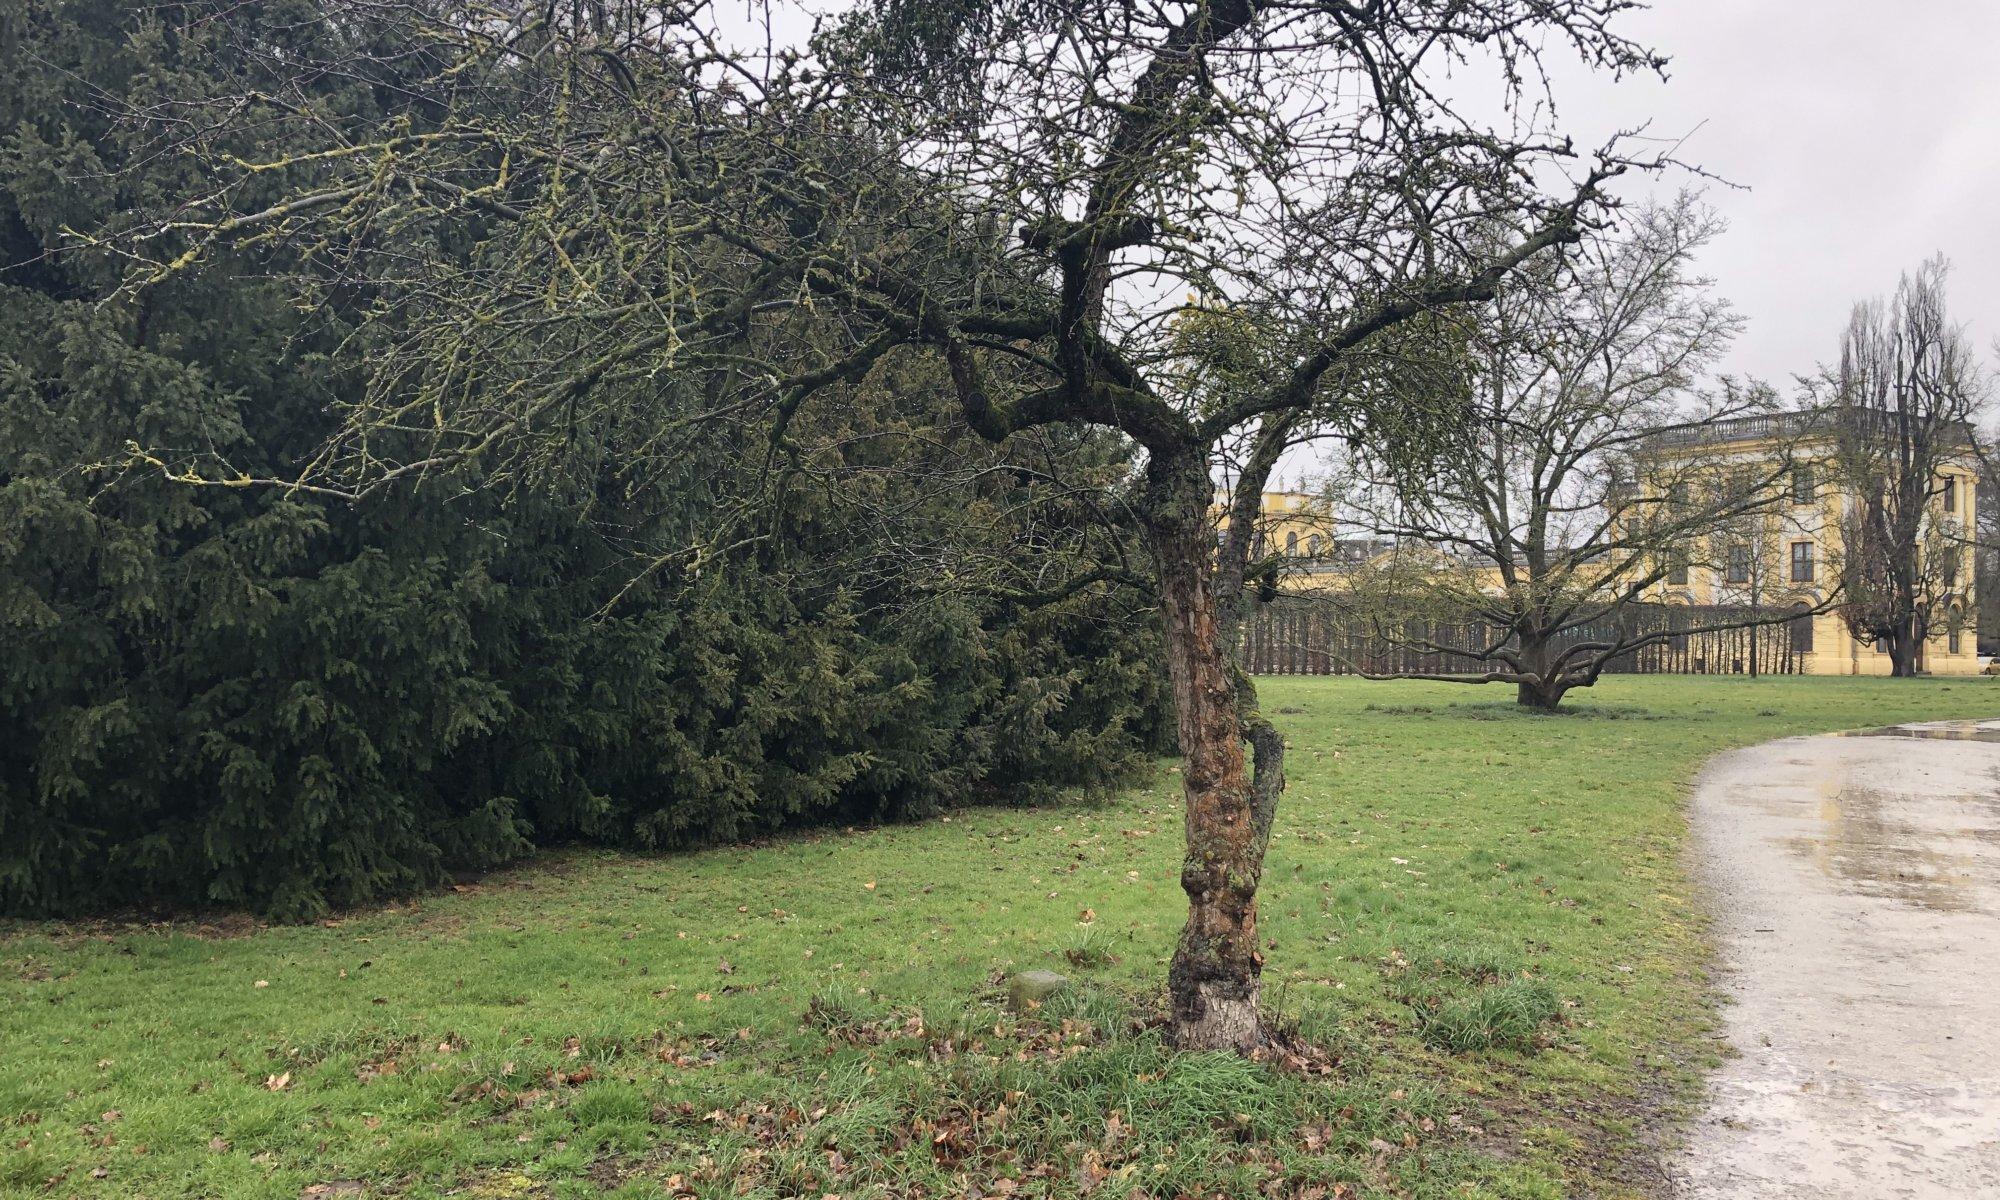 Arkansas Black Apple tree, Karlsaue, Kassel